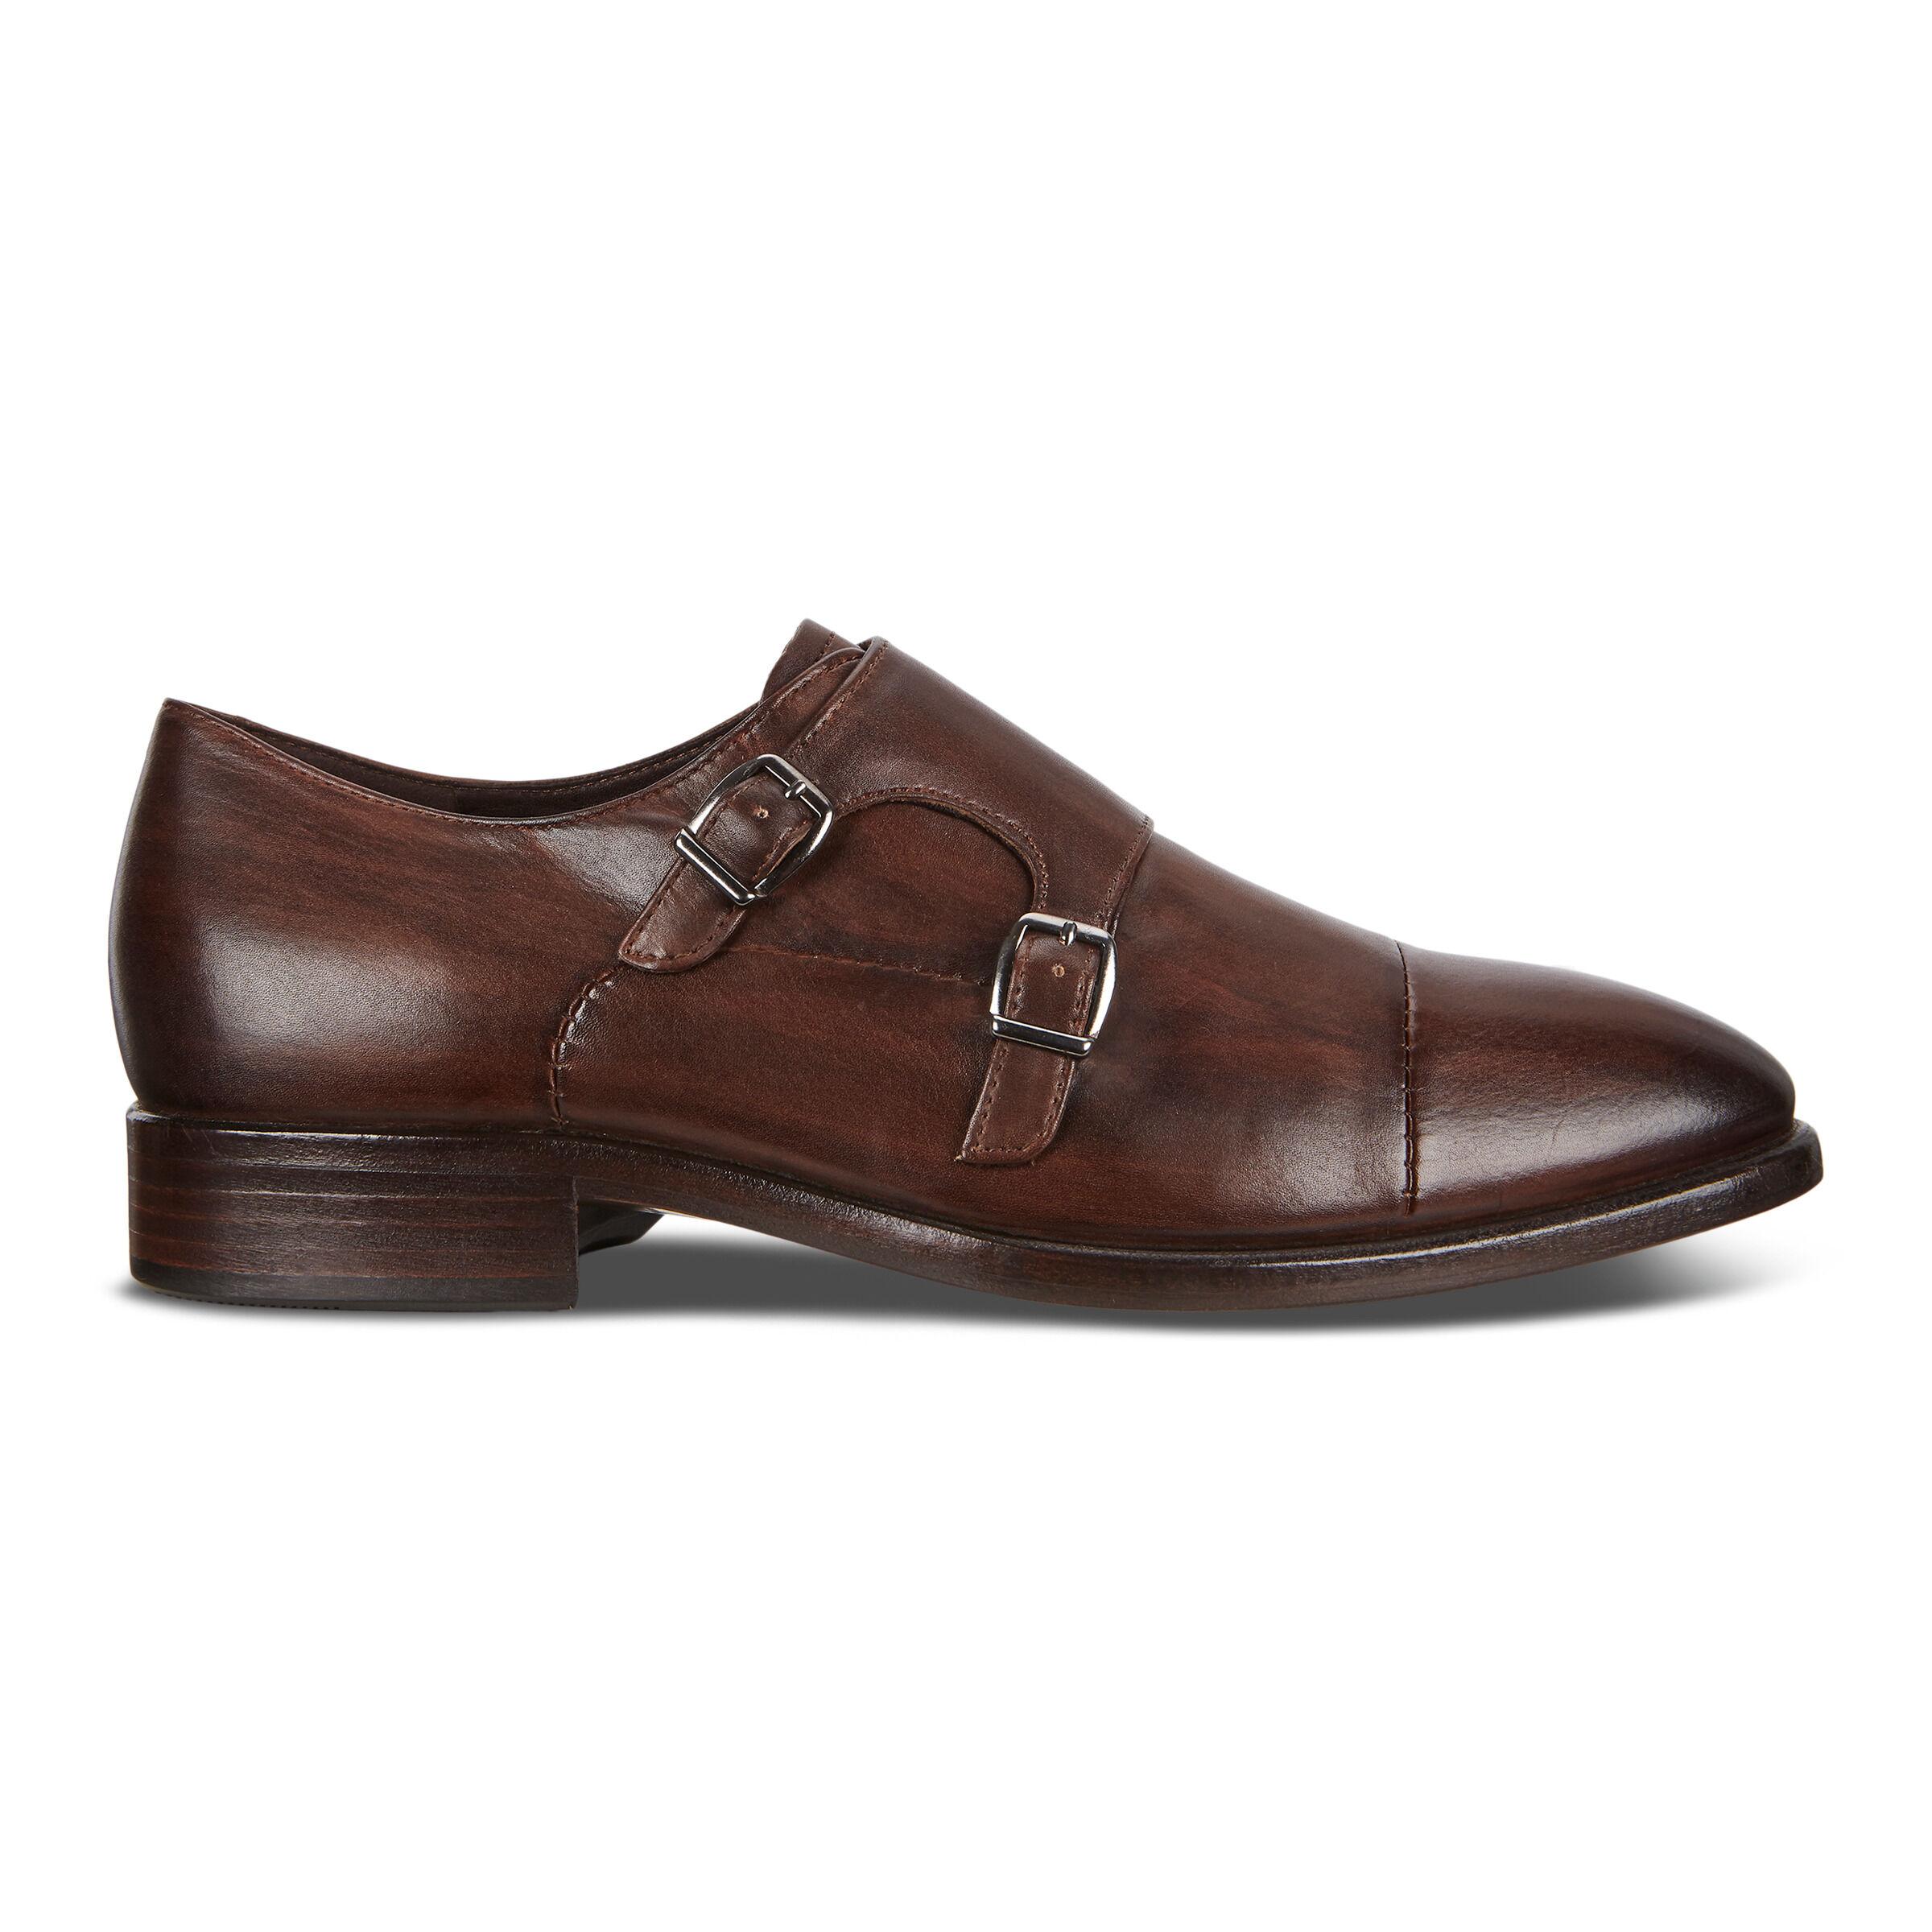 에코 ECCO Vitrus Mondial Double Monk Mens Strap Shoes,cocoa brown